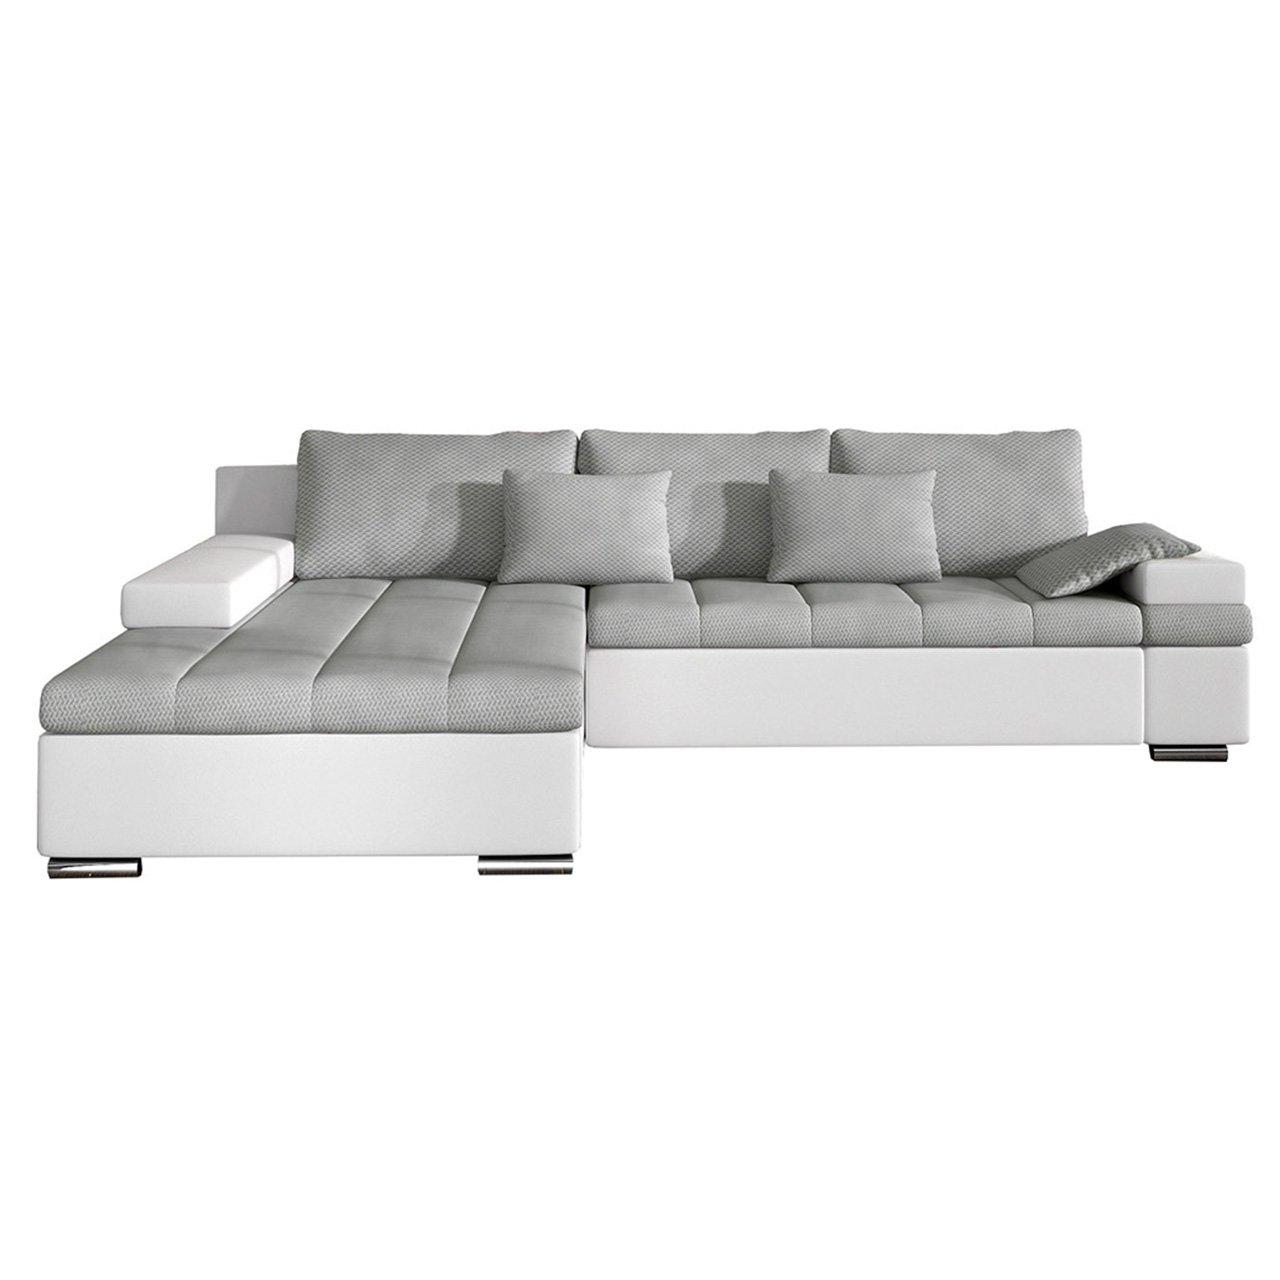 Unglaublich Moderne Sofas Günstig Galerie Von Design Ecksofa Bangkok Smart, L-form Couch, Eckcouch